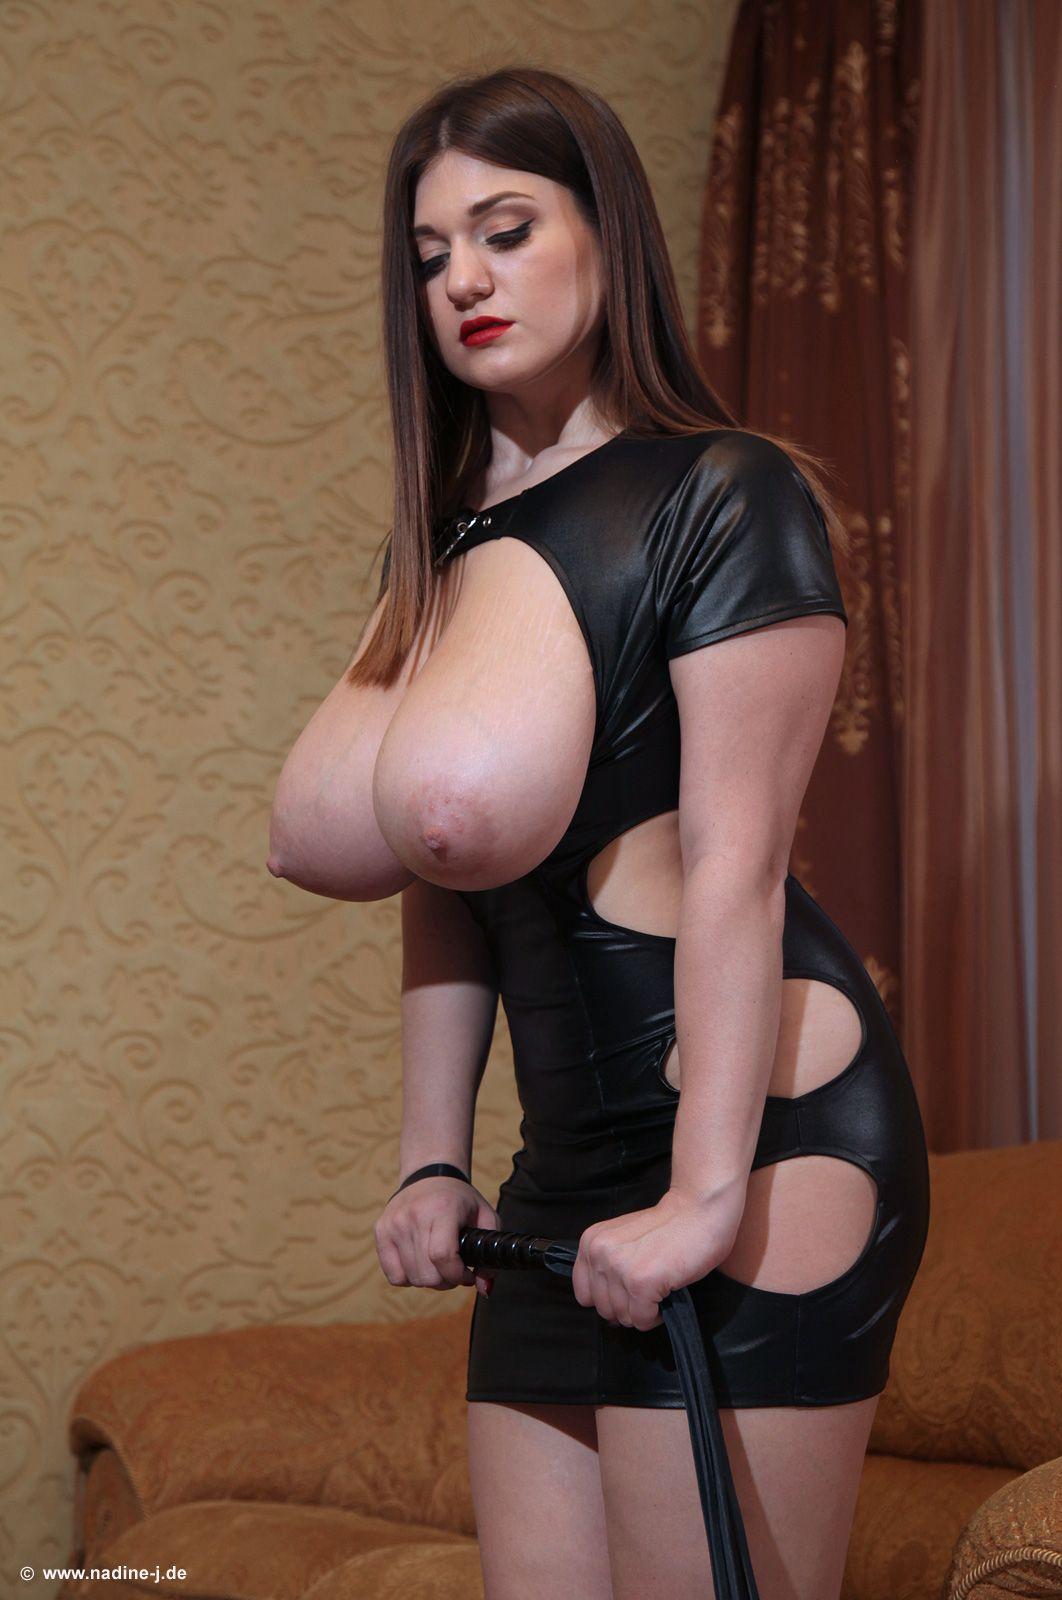 big butt small waist sex